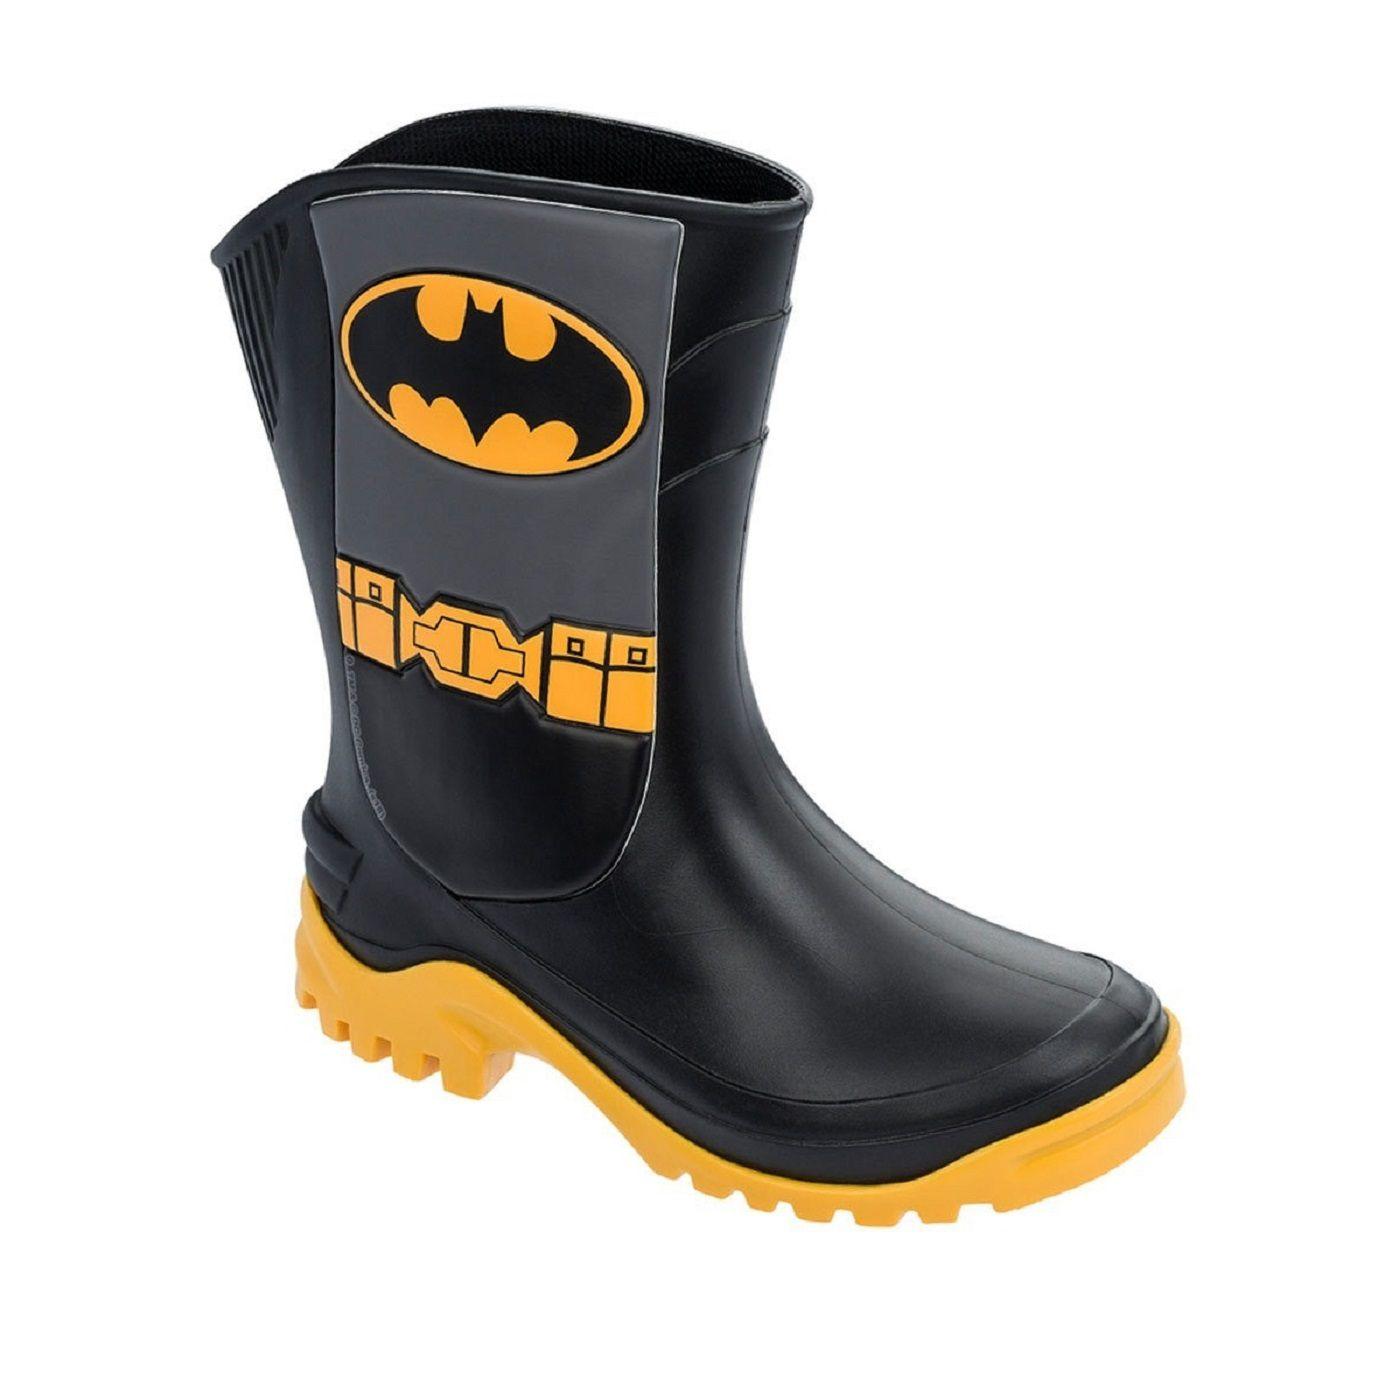 dadc4bf8d10 Galocha Menino Liga Justiça Batman Preto Grendene - Clique+ Calçados